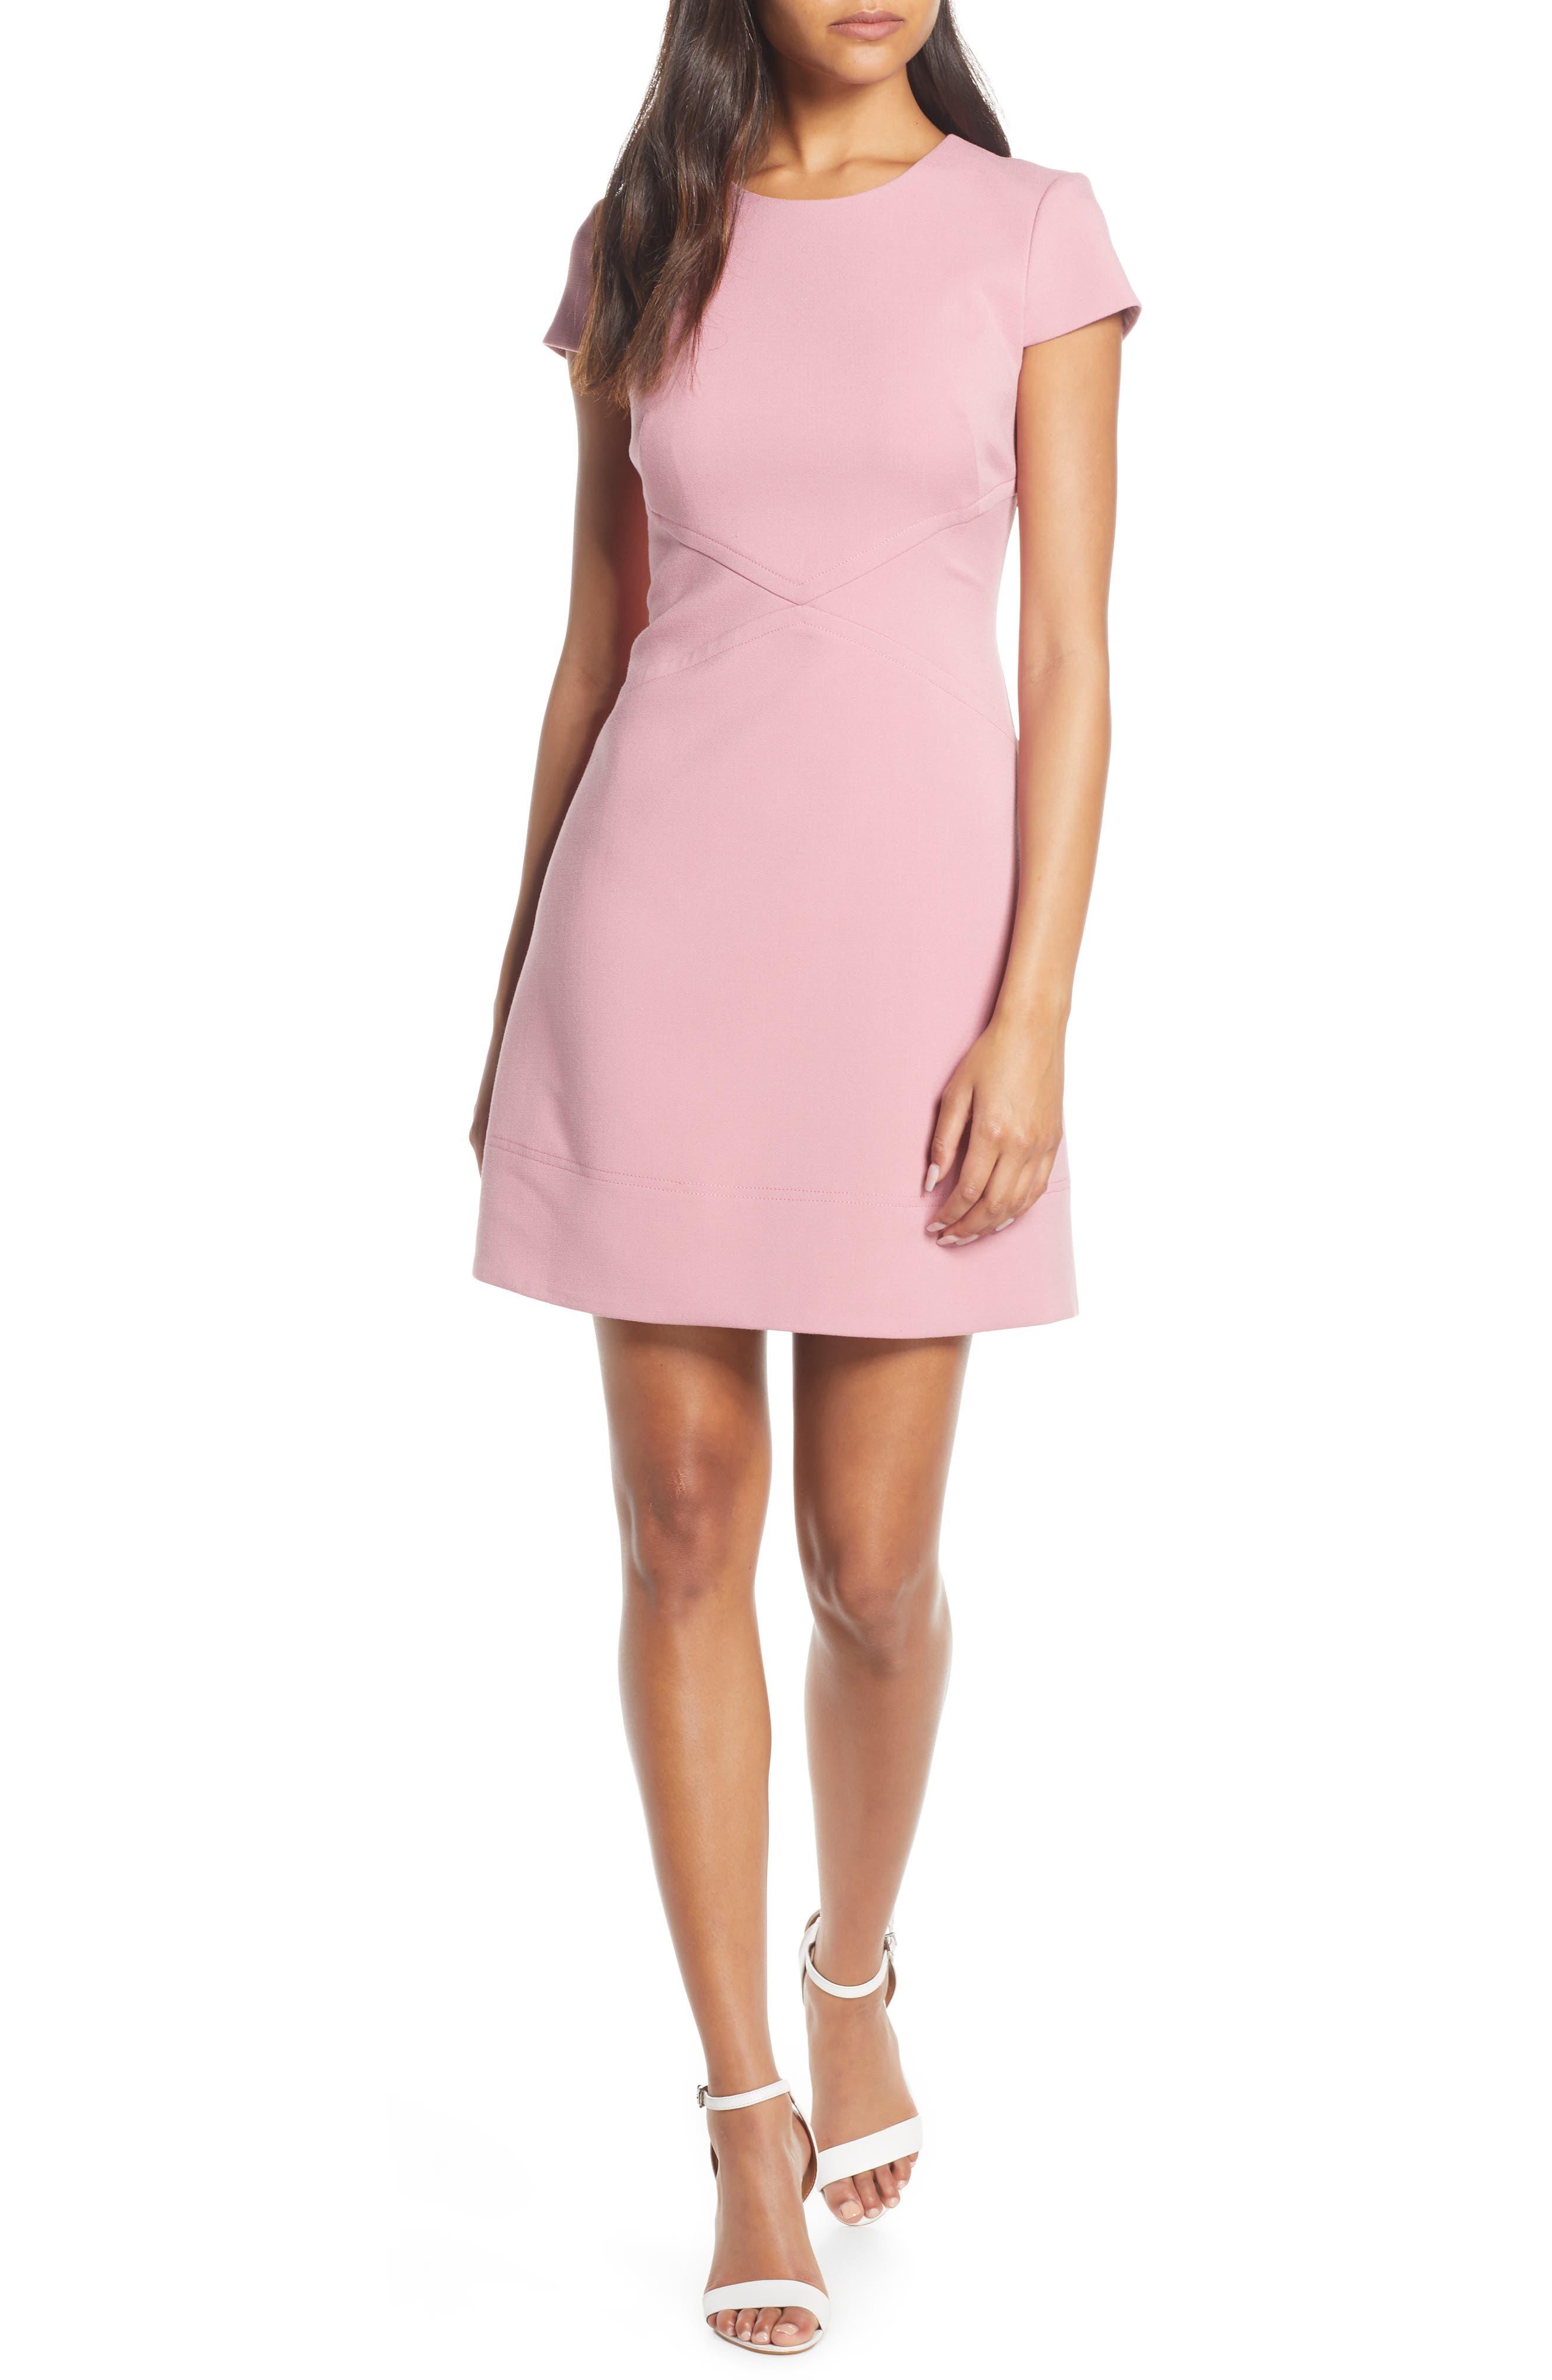 Harper Rose Short Sleeve Dress, Pink